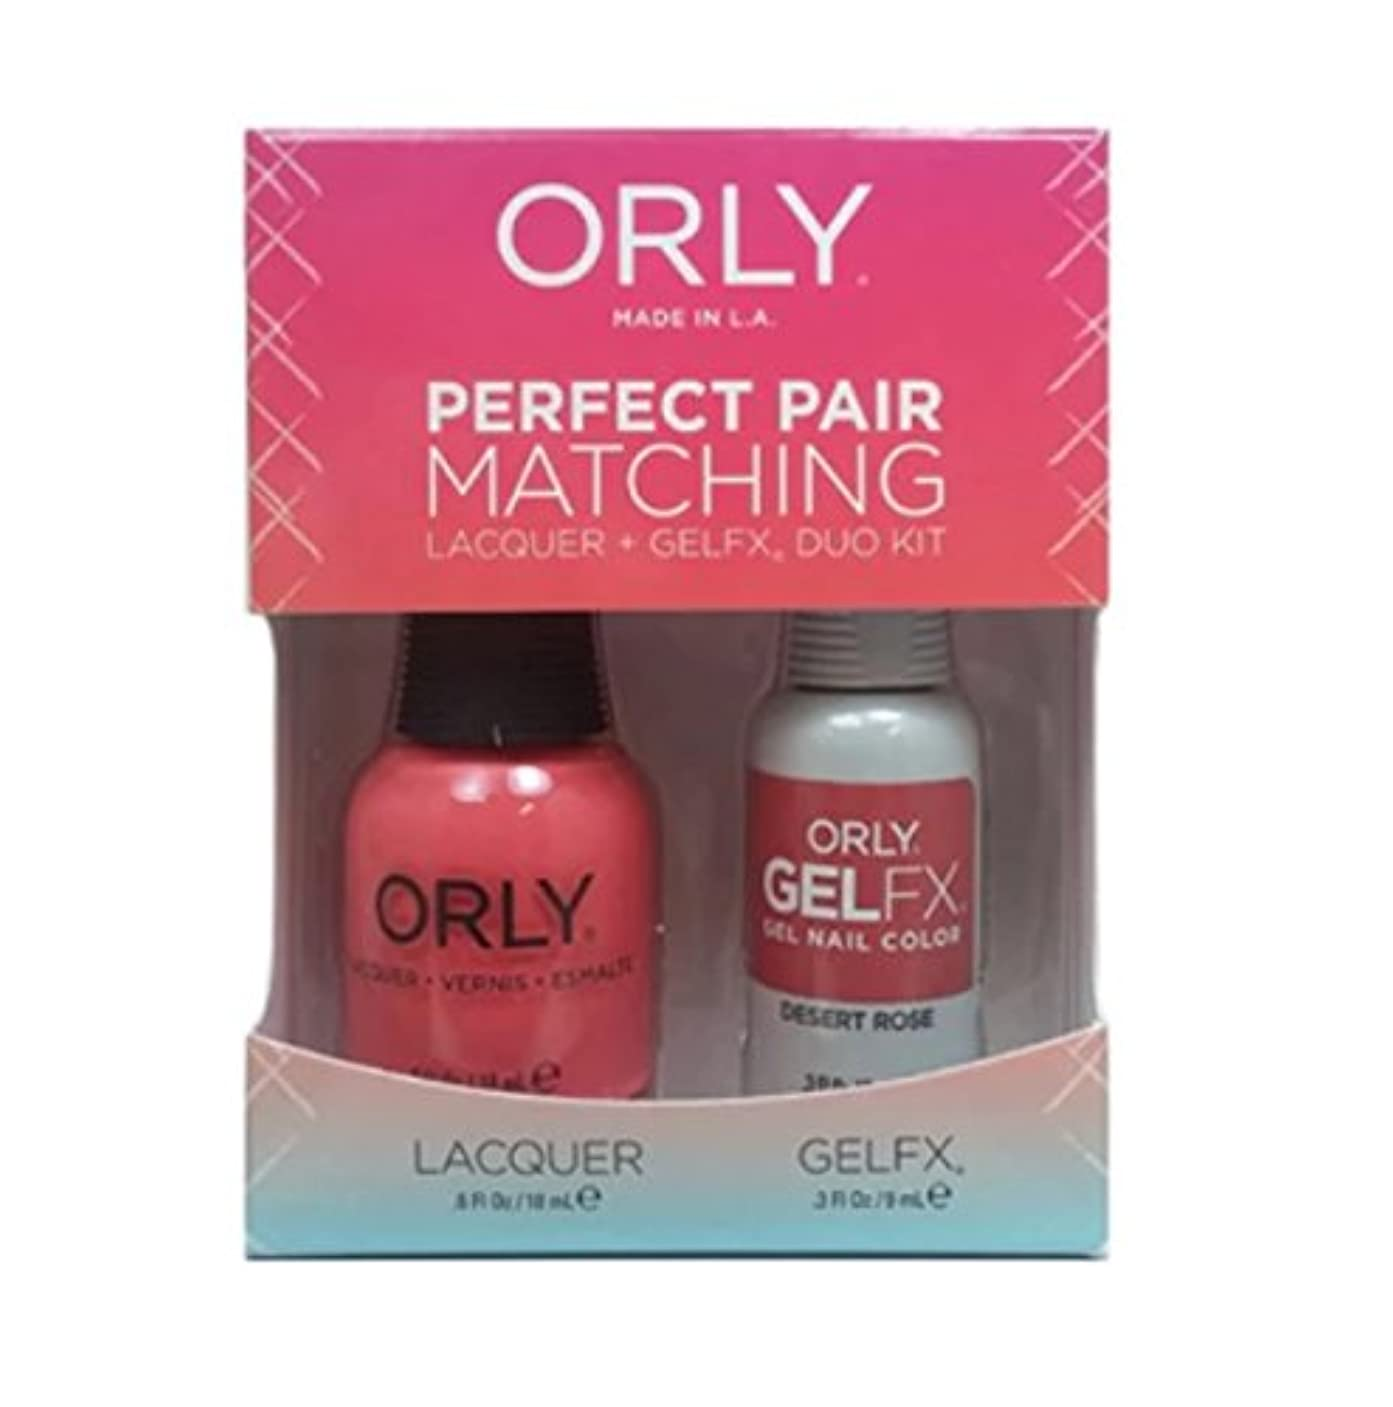 にぎやかスイス人までOrly - Perfect Pair Matching Lacquer+Gel FX Kit - Desert Rose - 0.6 oz / 0.3 oz